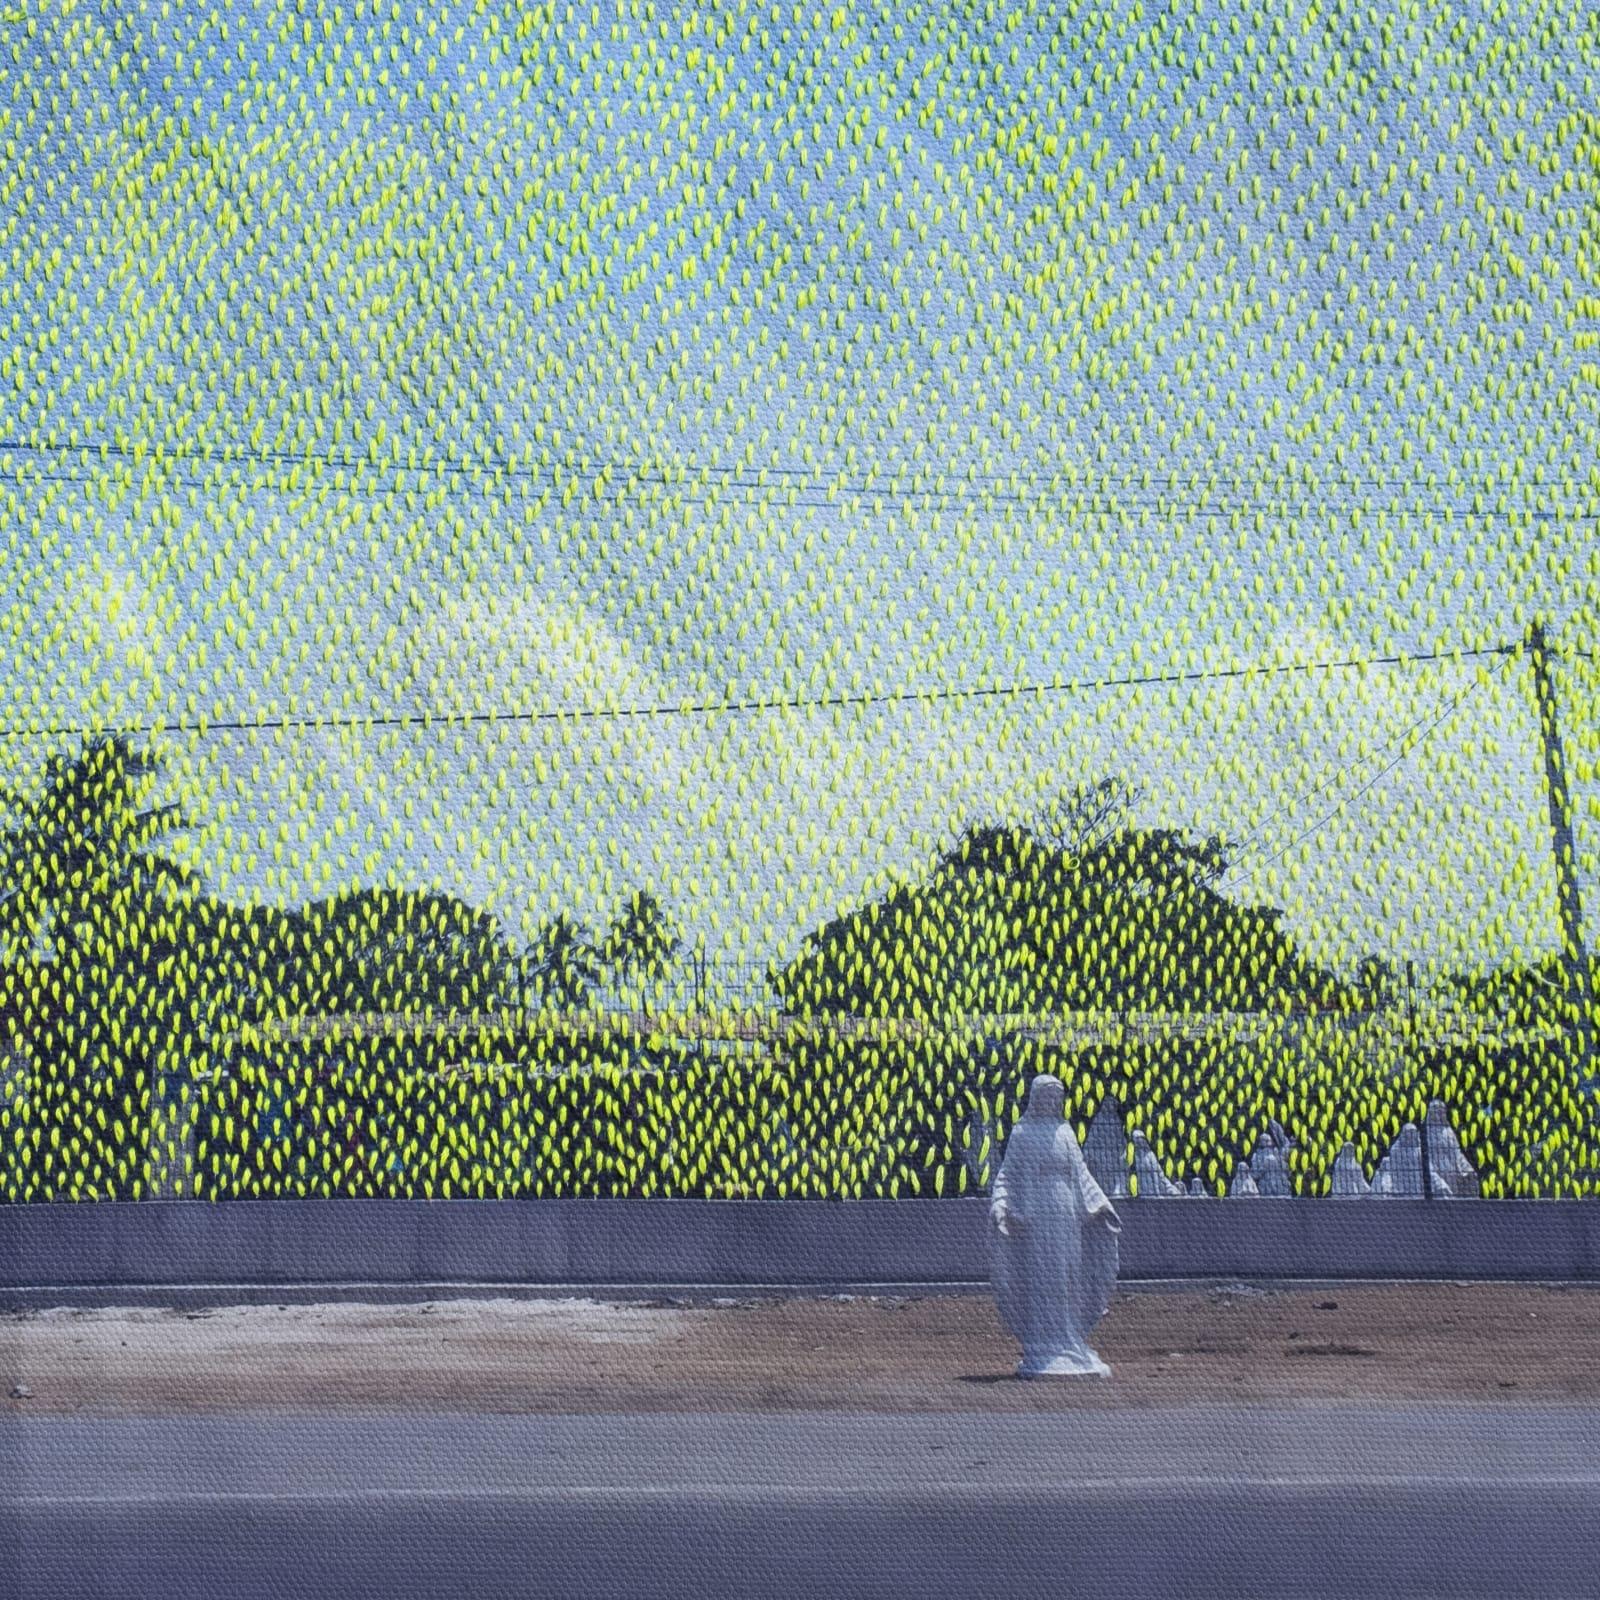 Joana Choumali, Untitled, 2018